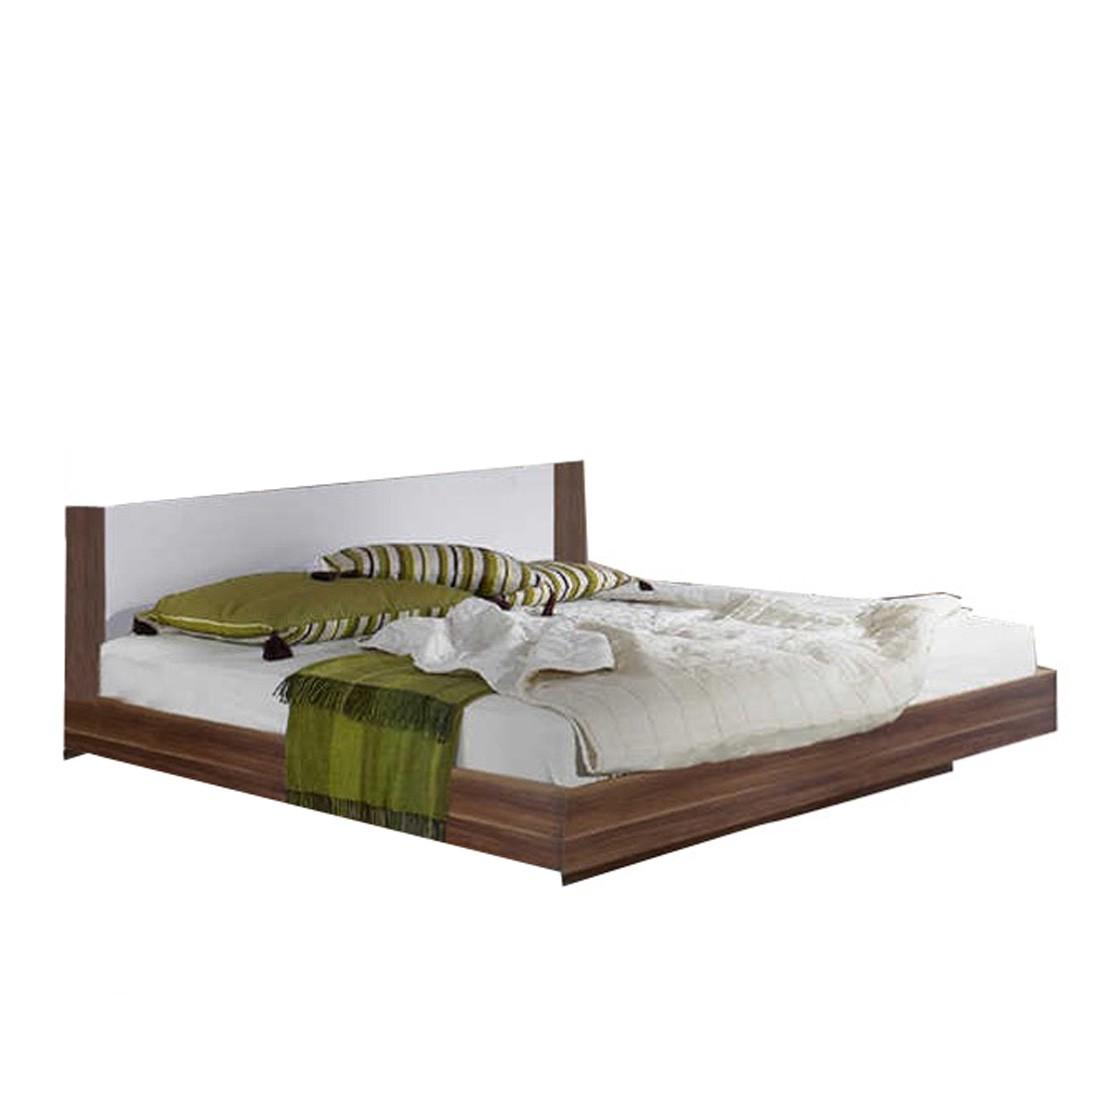 bett nora 180 x 200cm nussbaum dekor wei wimex online kaufen. Black Bedroom Furniture Sets. Home Design Ideas